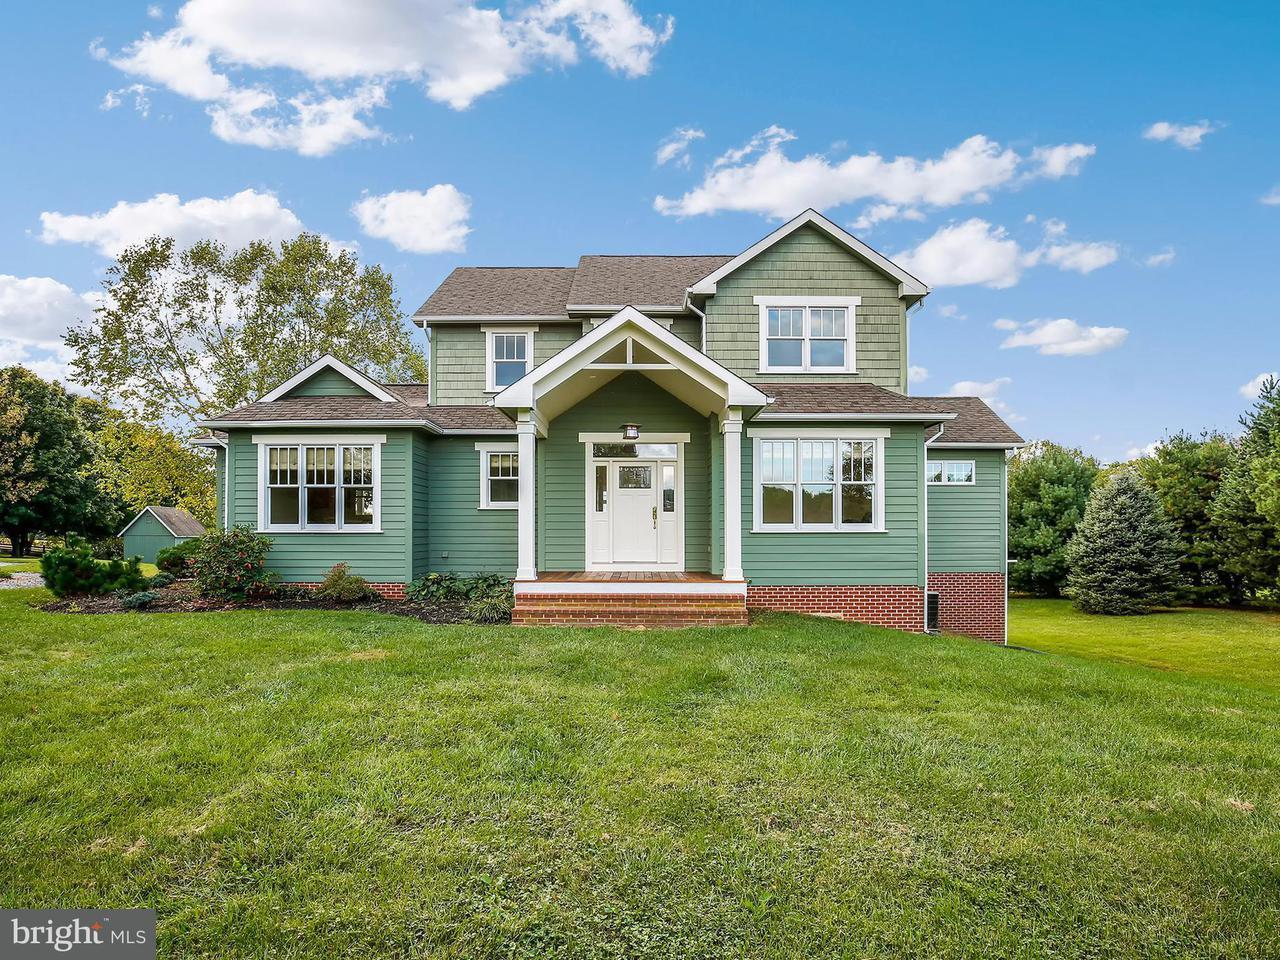 Частный односемейный дом для того Продажа на 4435 LINTHICUM Road 4435 LINTHICUM Road Dayton, Мэриленд 21036 Соединенные Штаты